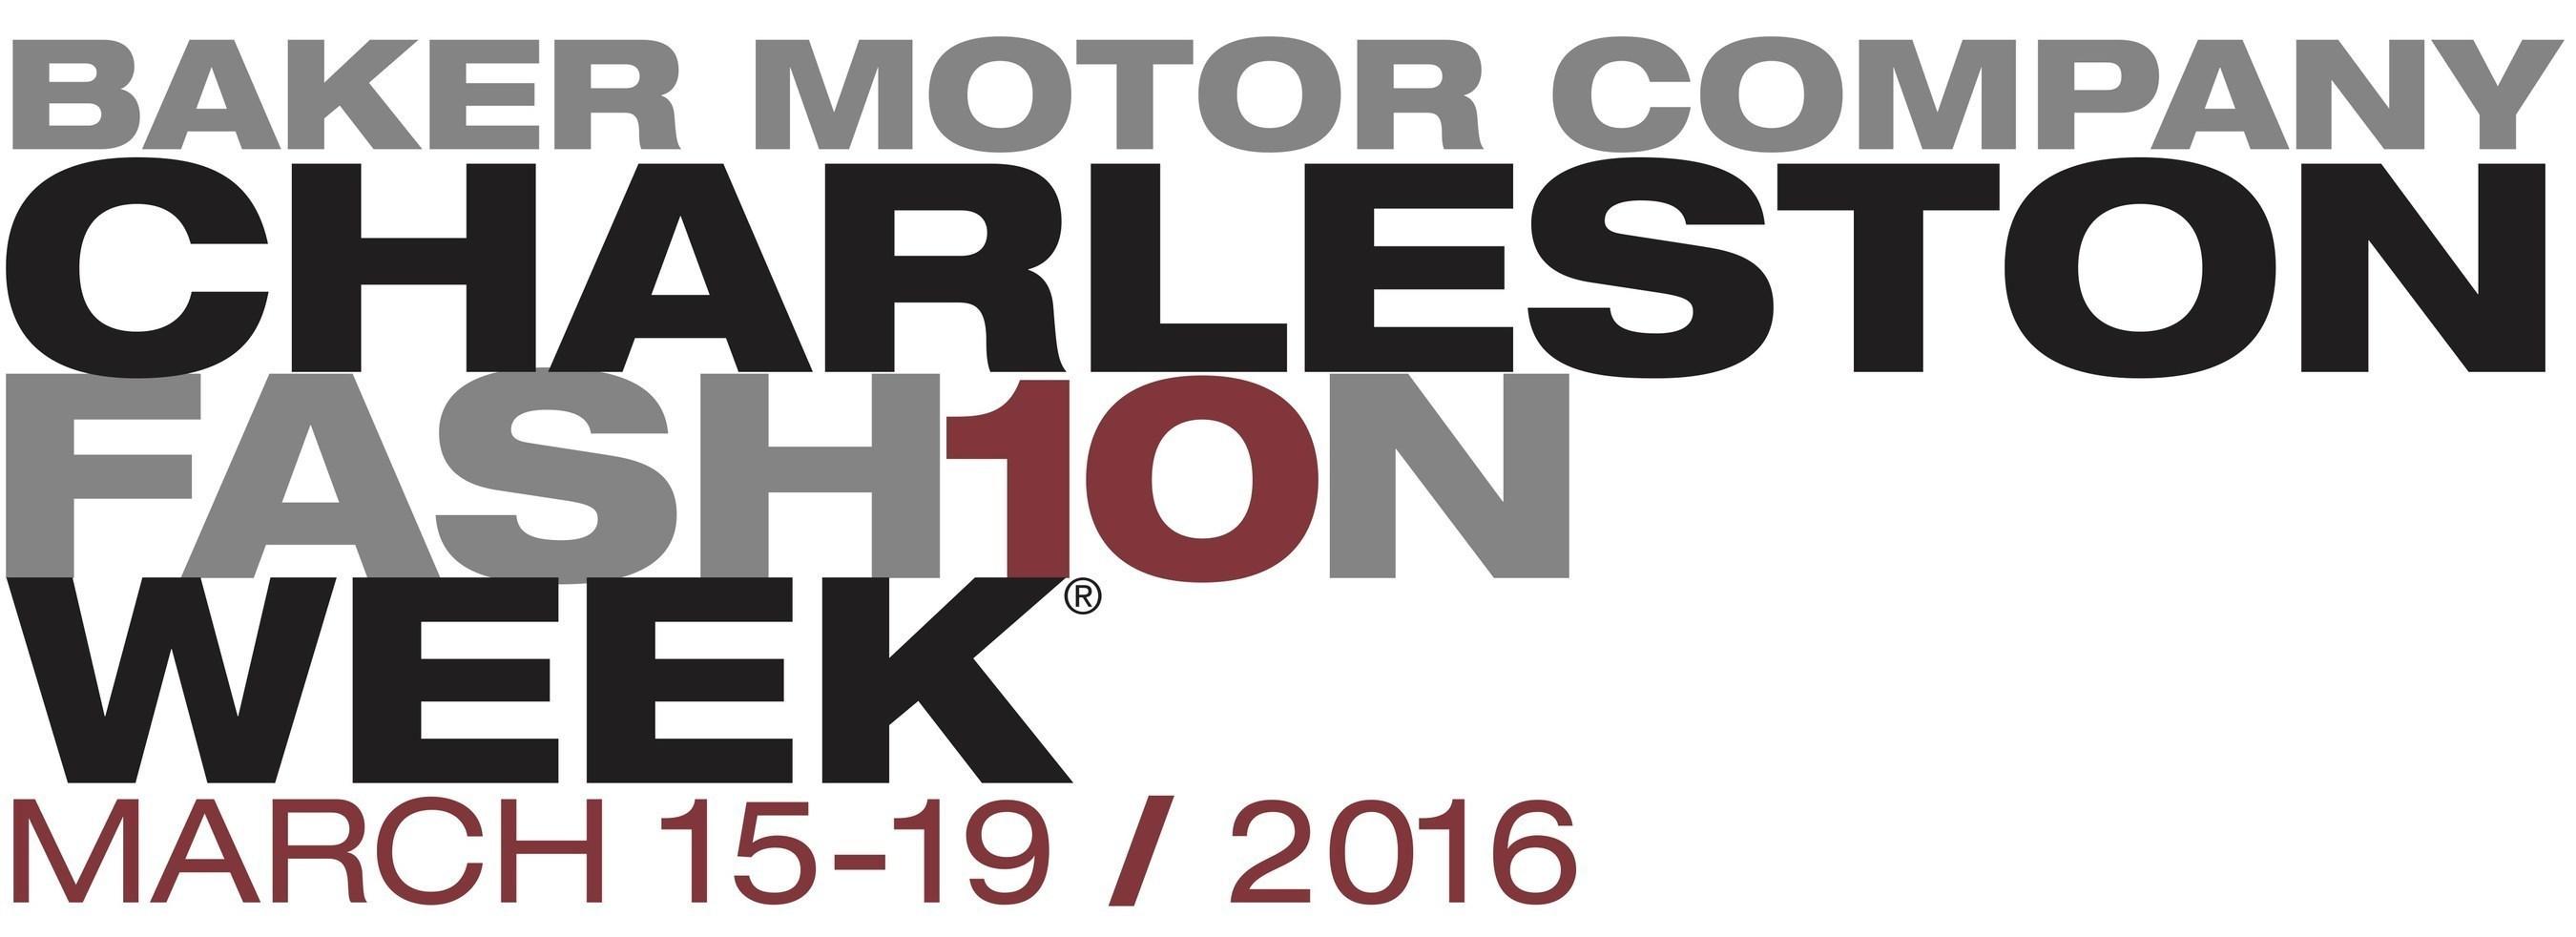 Charleston Fashion Week March 15-19, 2016